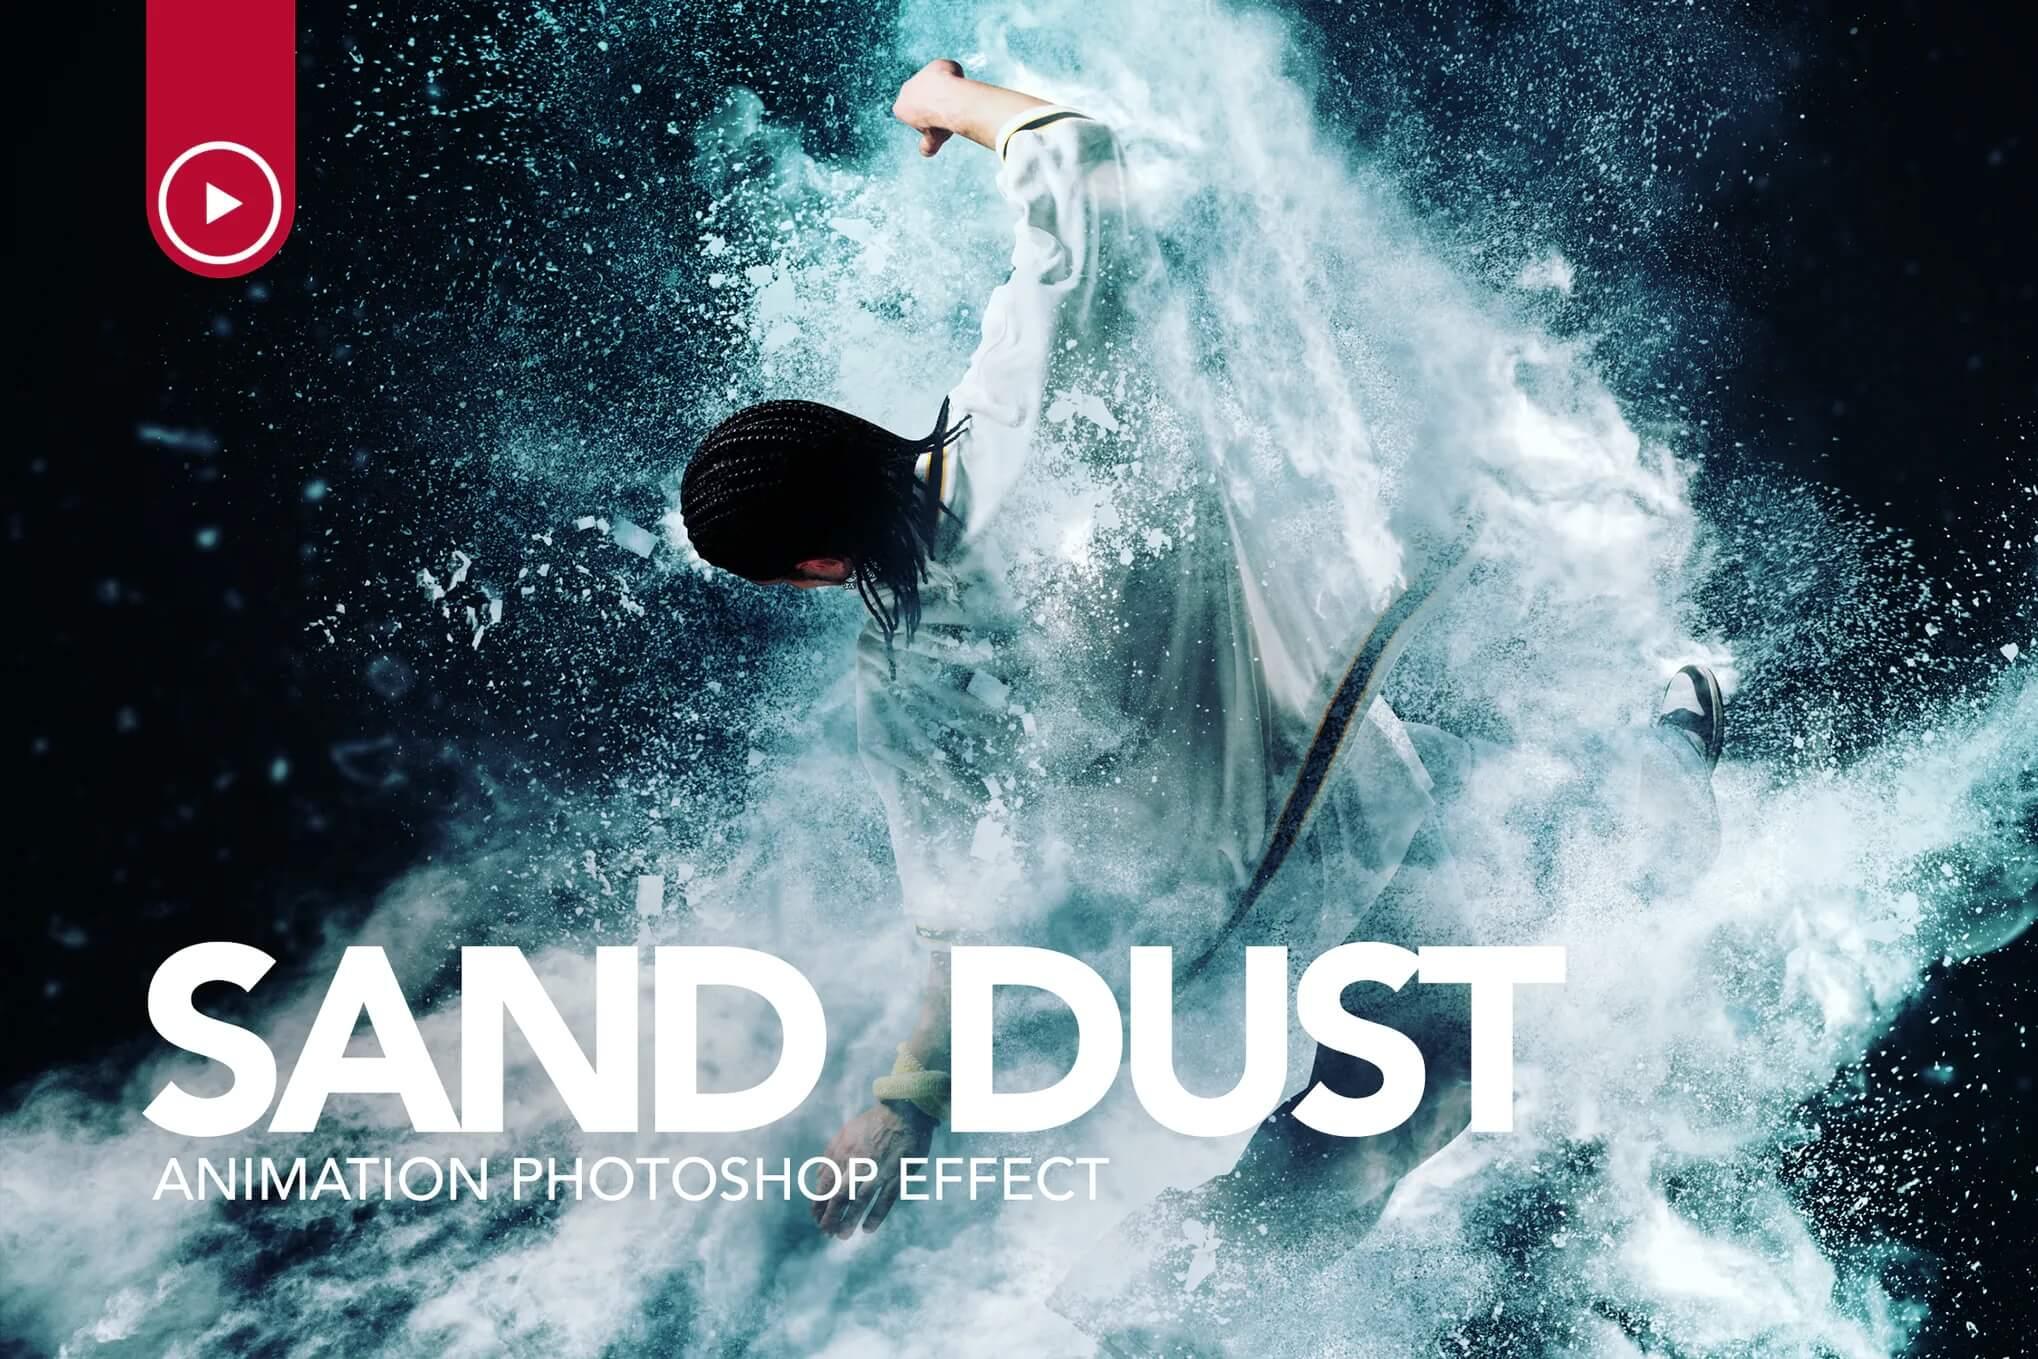 沙尘/粉末爆炸Photoshop动作插图